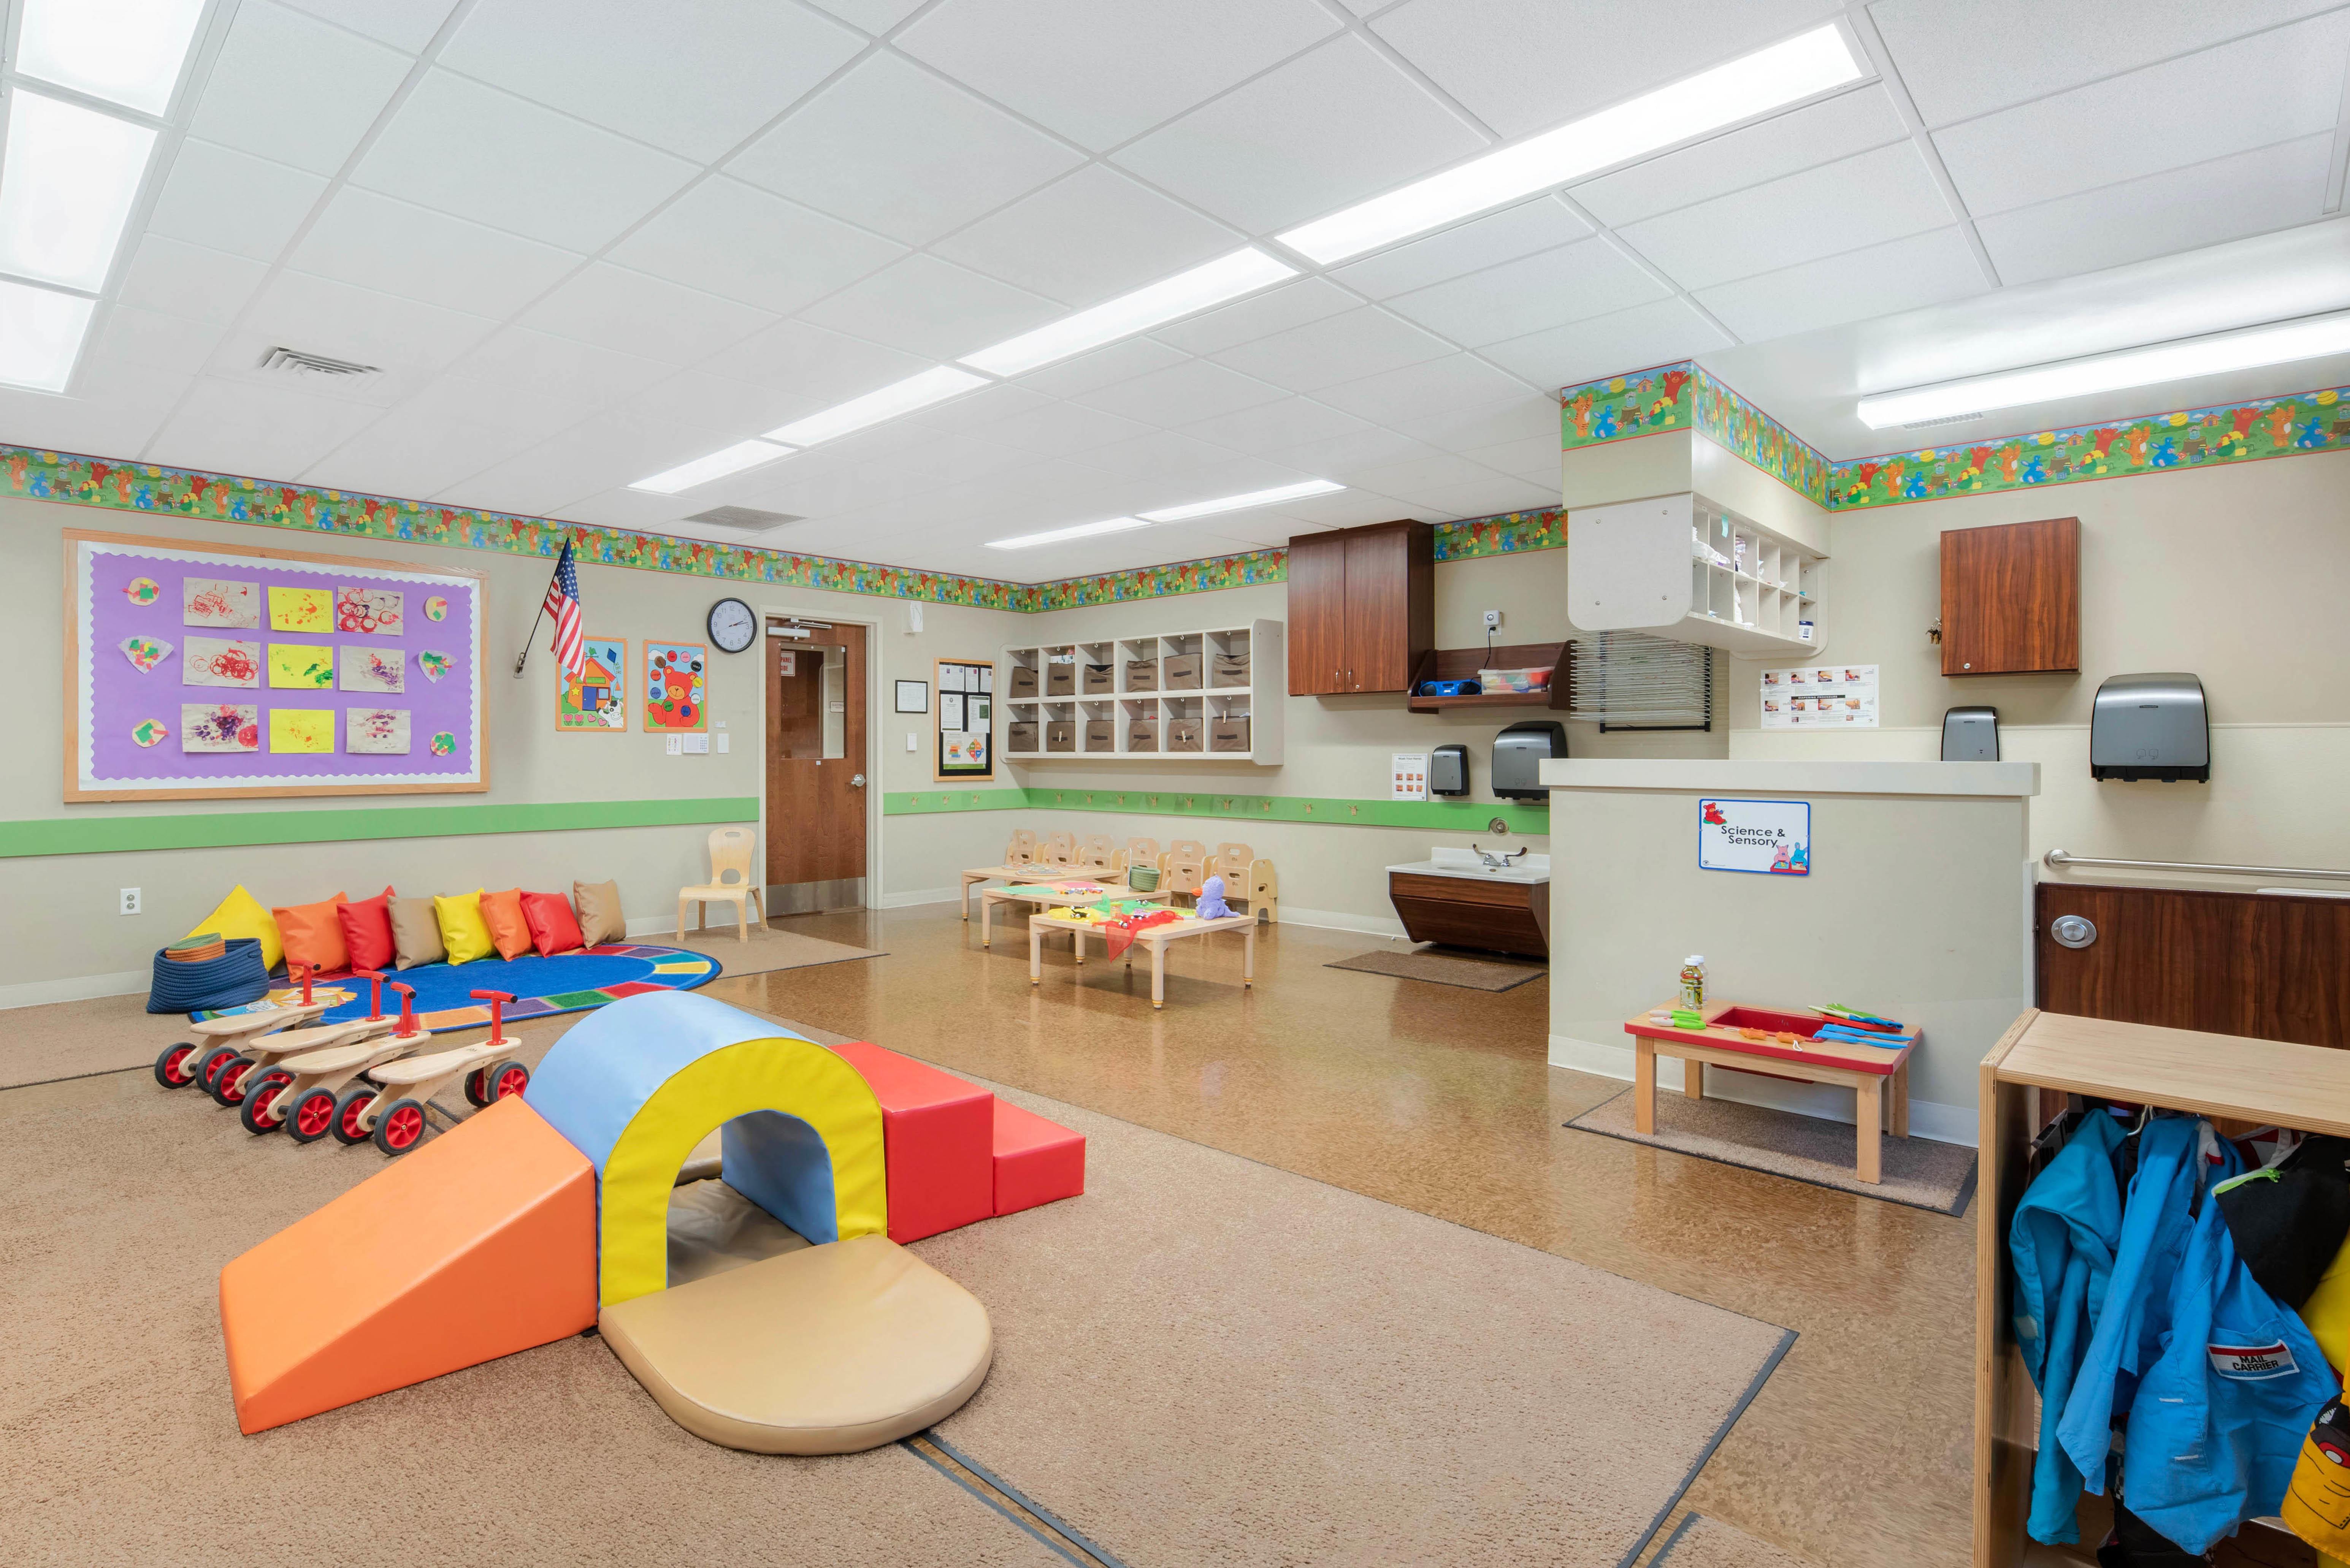 Primrose School of Willow Glen image 13